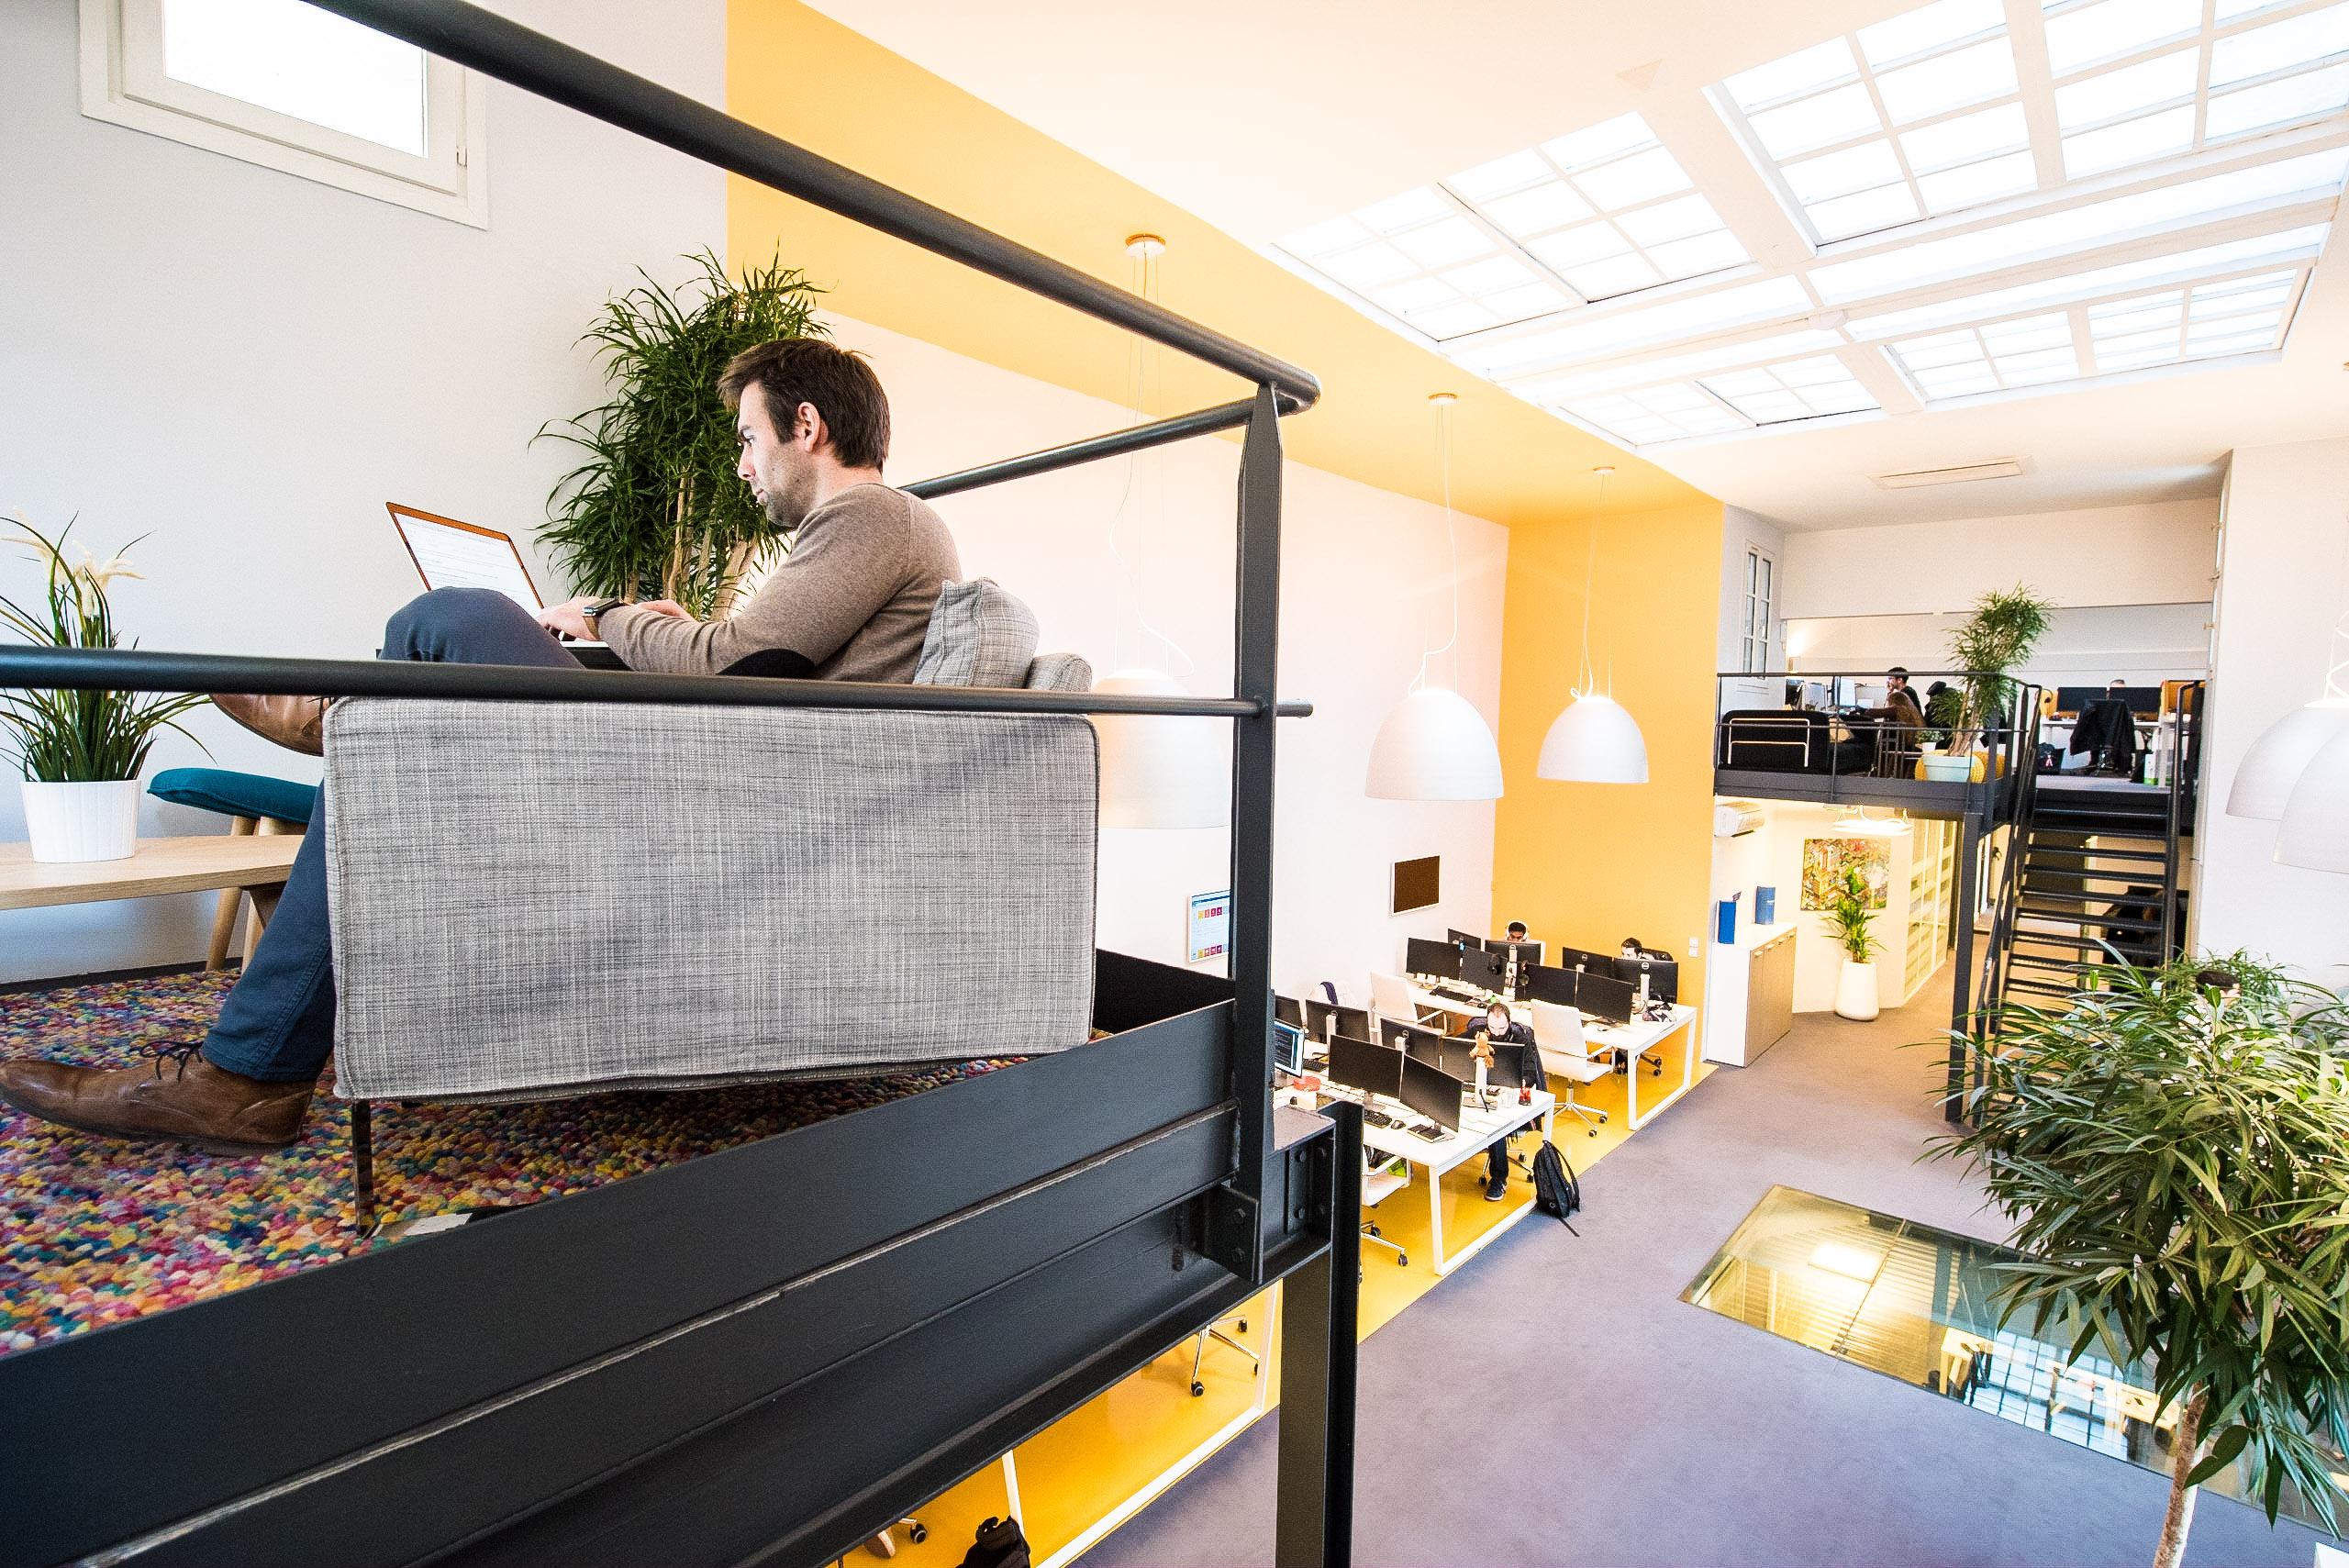 Reportage photographique sur l'architecture et des ambiance des espaces de travail chez Oxalide